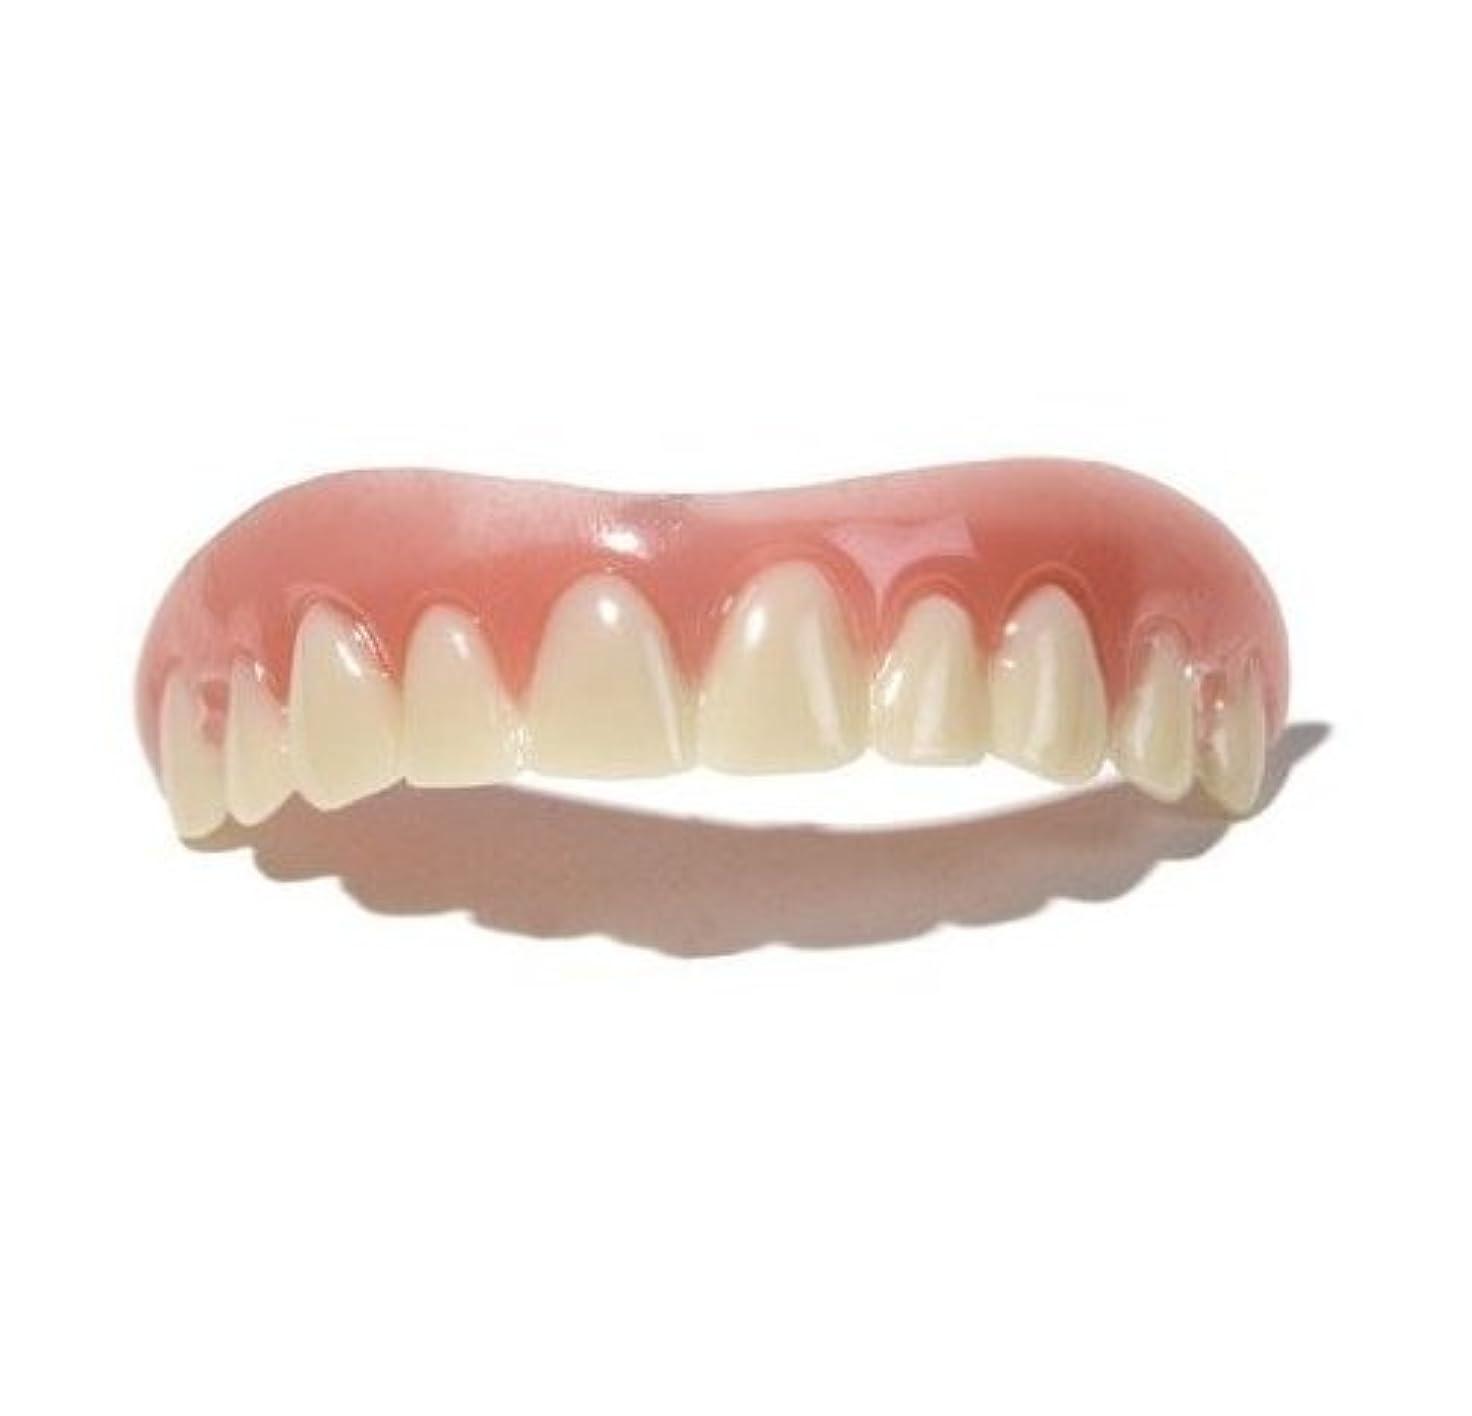 通路苦悩スクラップインスタント 美容 つけ歯 上歯(free size (Medium)) [並行輸入品]